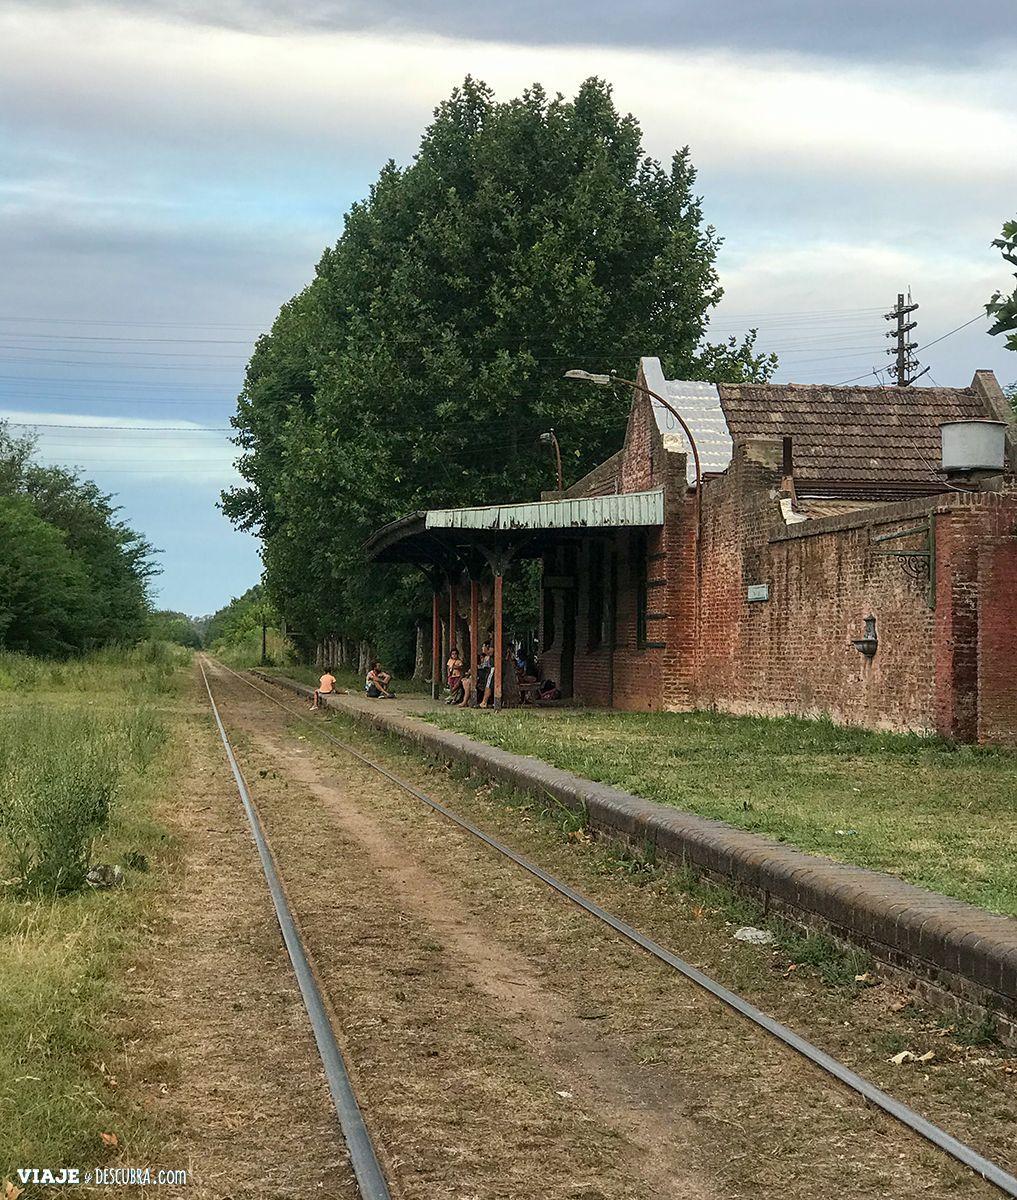 Estación de tren Uribelarrea, pueblitos de buenos aires